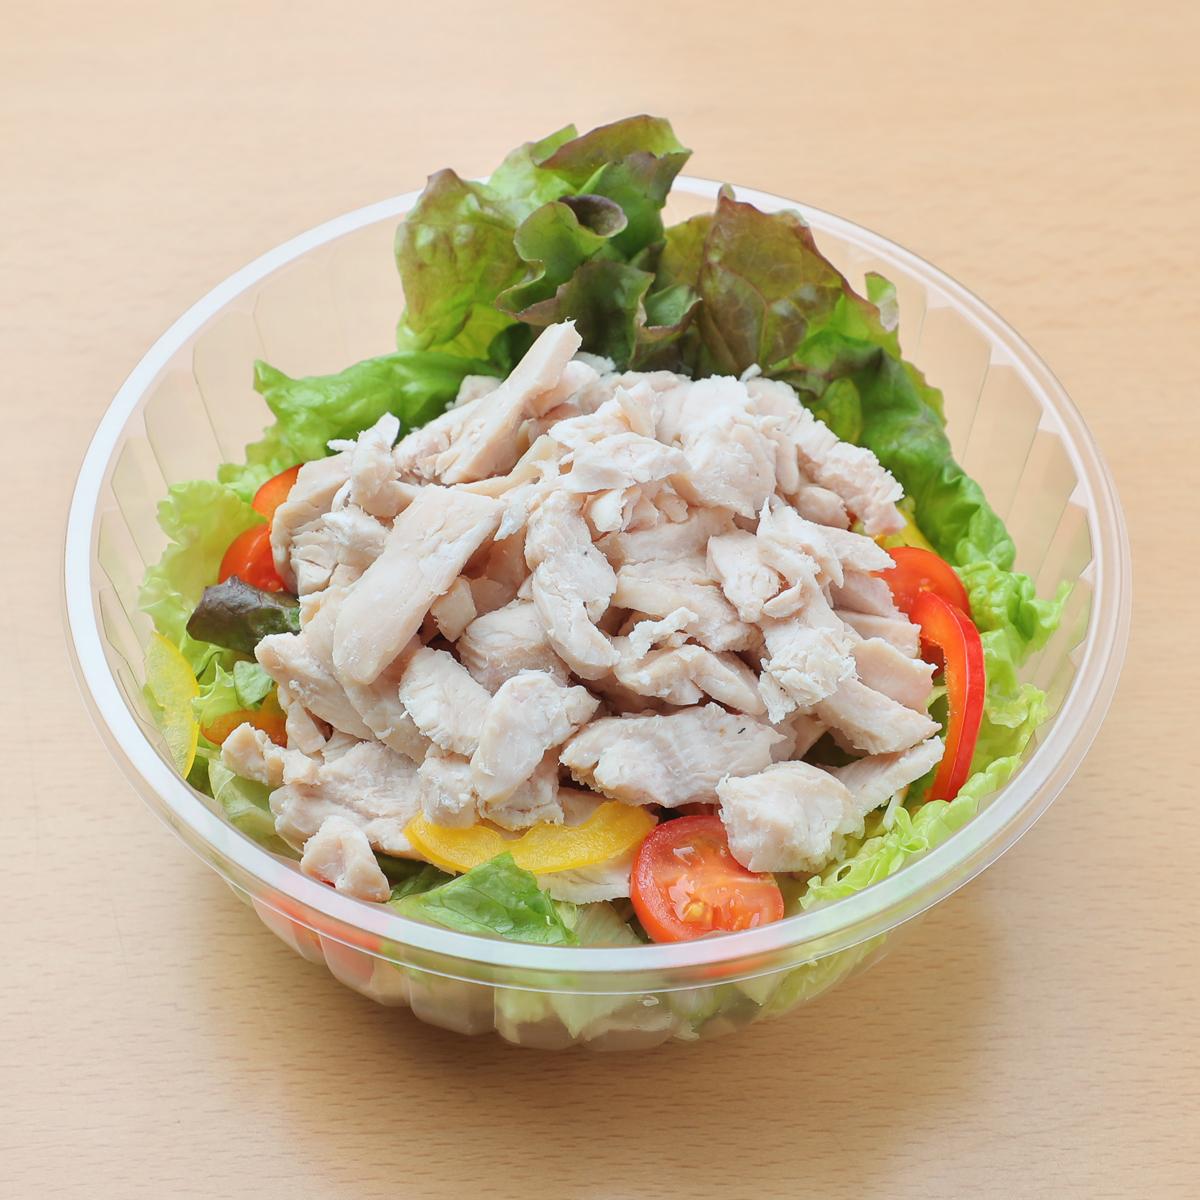 ⿃むね(サラダチキン) 680円